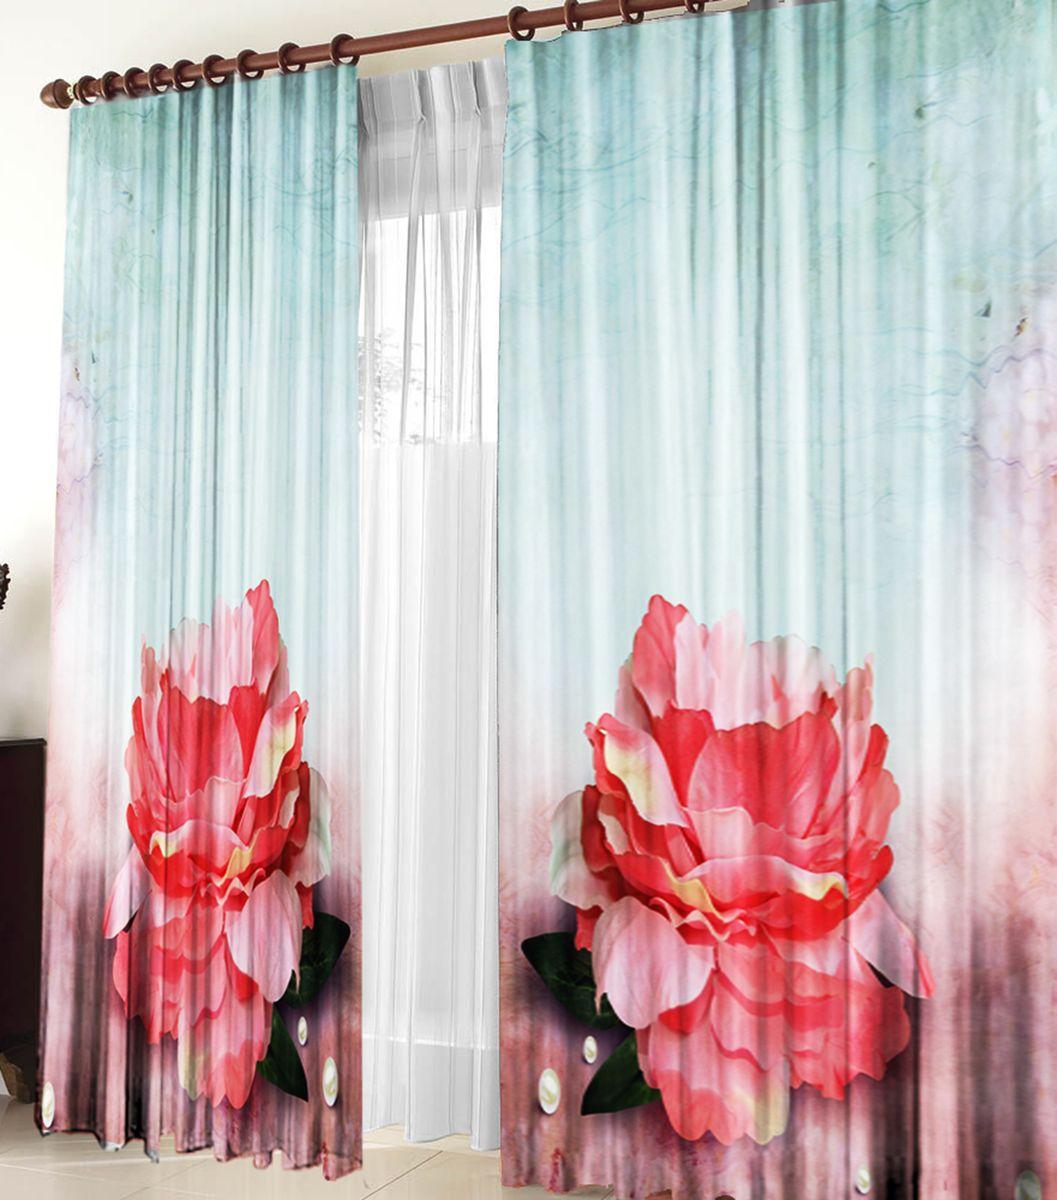 Комплект фотоштор Zlata Korunka Тайна, на ленте, высота 270 см21236Для производства используется габардиновая ткань высочайшего качества. Фотошторы способны не пропускать самый яркий свет, их можно гладить и стирать. Уход: Бережная стирка при 30 градусах, деликатный отжим, отбеливание запрещено, гладить при t не более 150С. Светопоглощение 70%. Плотность ткани - 150 г/м2. Размер: шир. 150 х выс.270.х2 . Оттенок изделия может отличаться от представленного на сайте в силу особенностей цветопередачи фототехники и Вашего монитора.